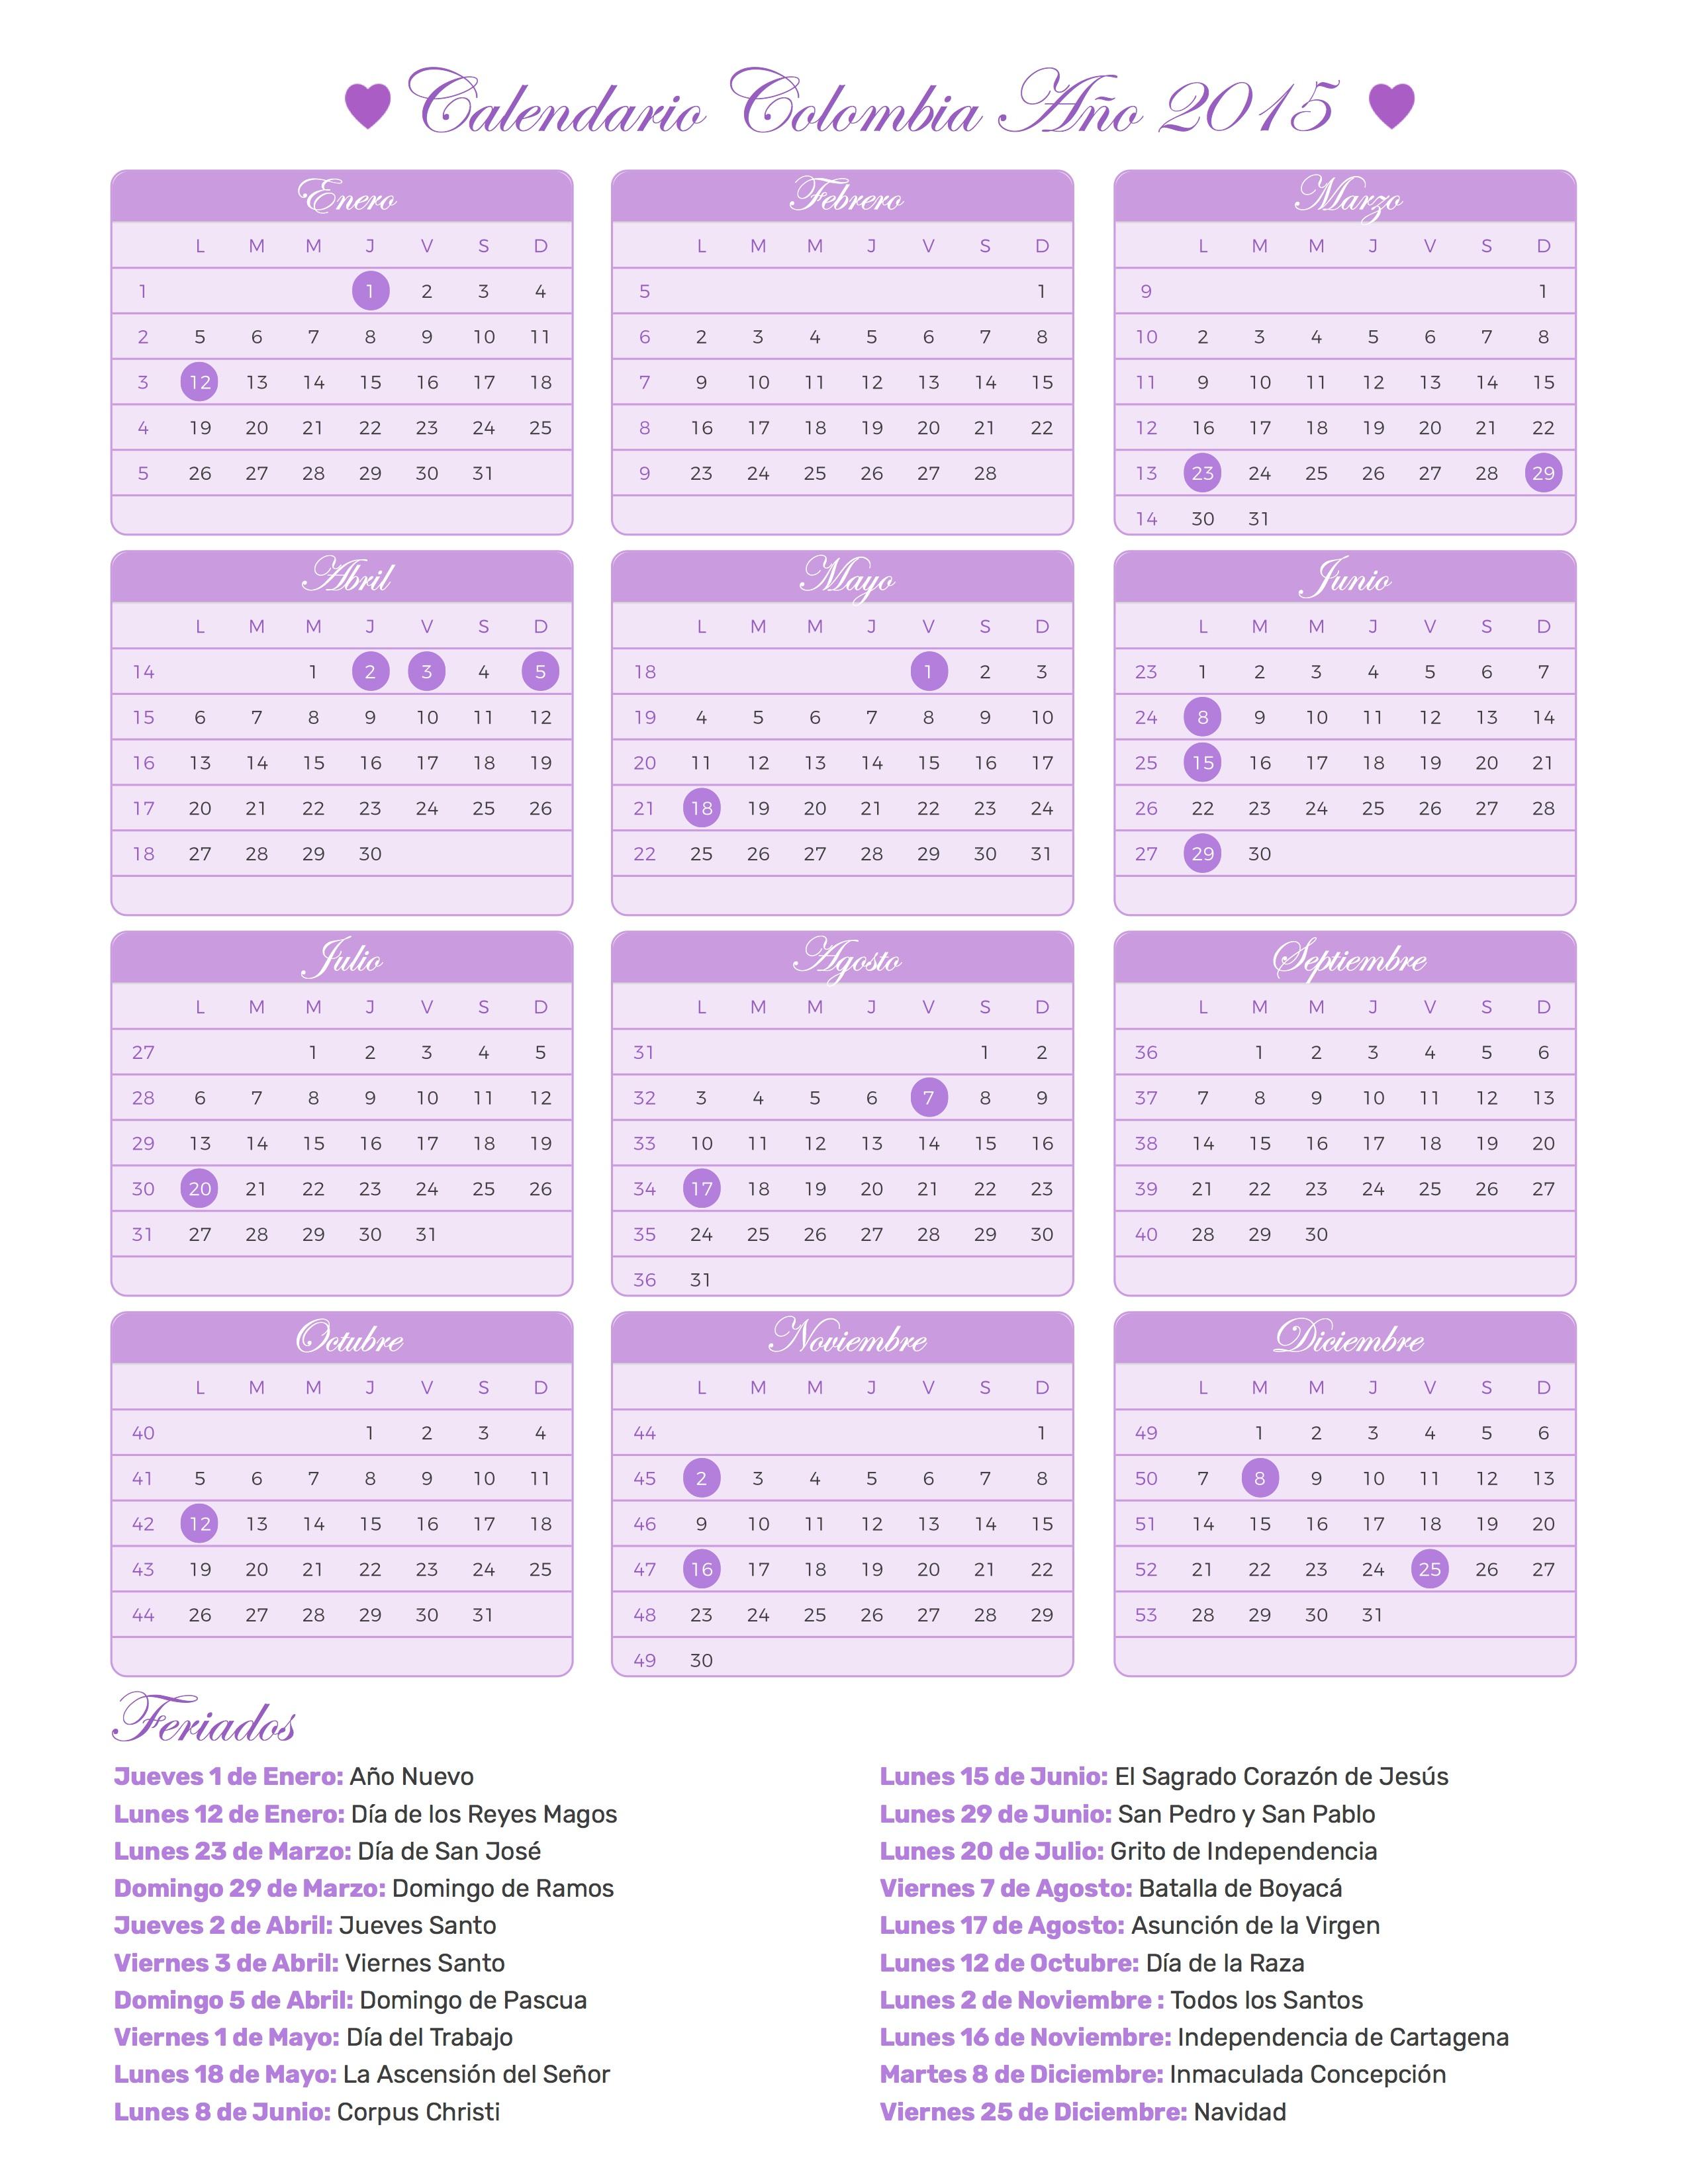 d51e93da5 calendario de colombia 2015 - Cablo.commongroundsapex.co